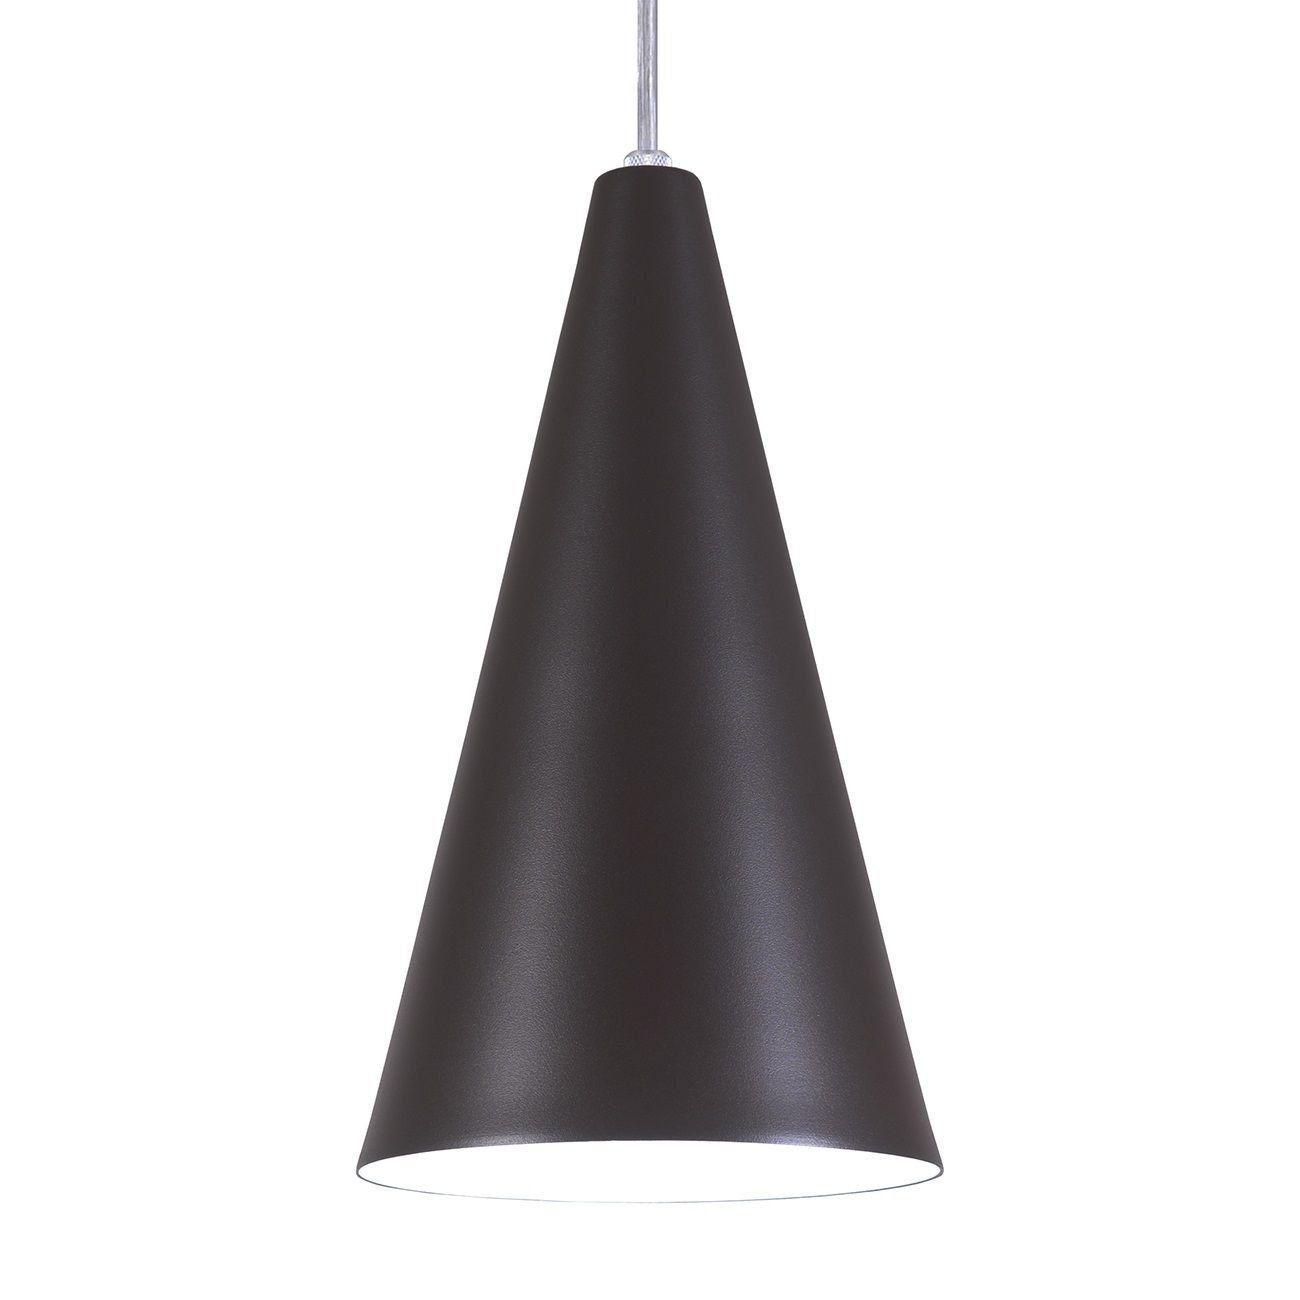 Pendente Cone Luminária Lustre Alumínio Marrom Tabaco Textura - Rei Da Iluminação